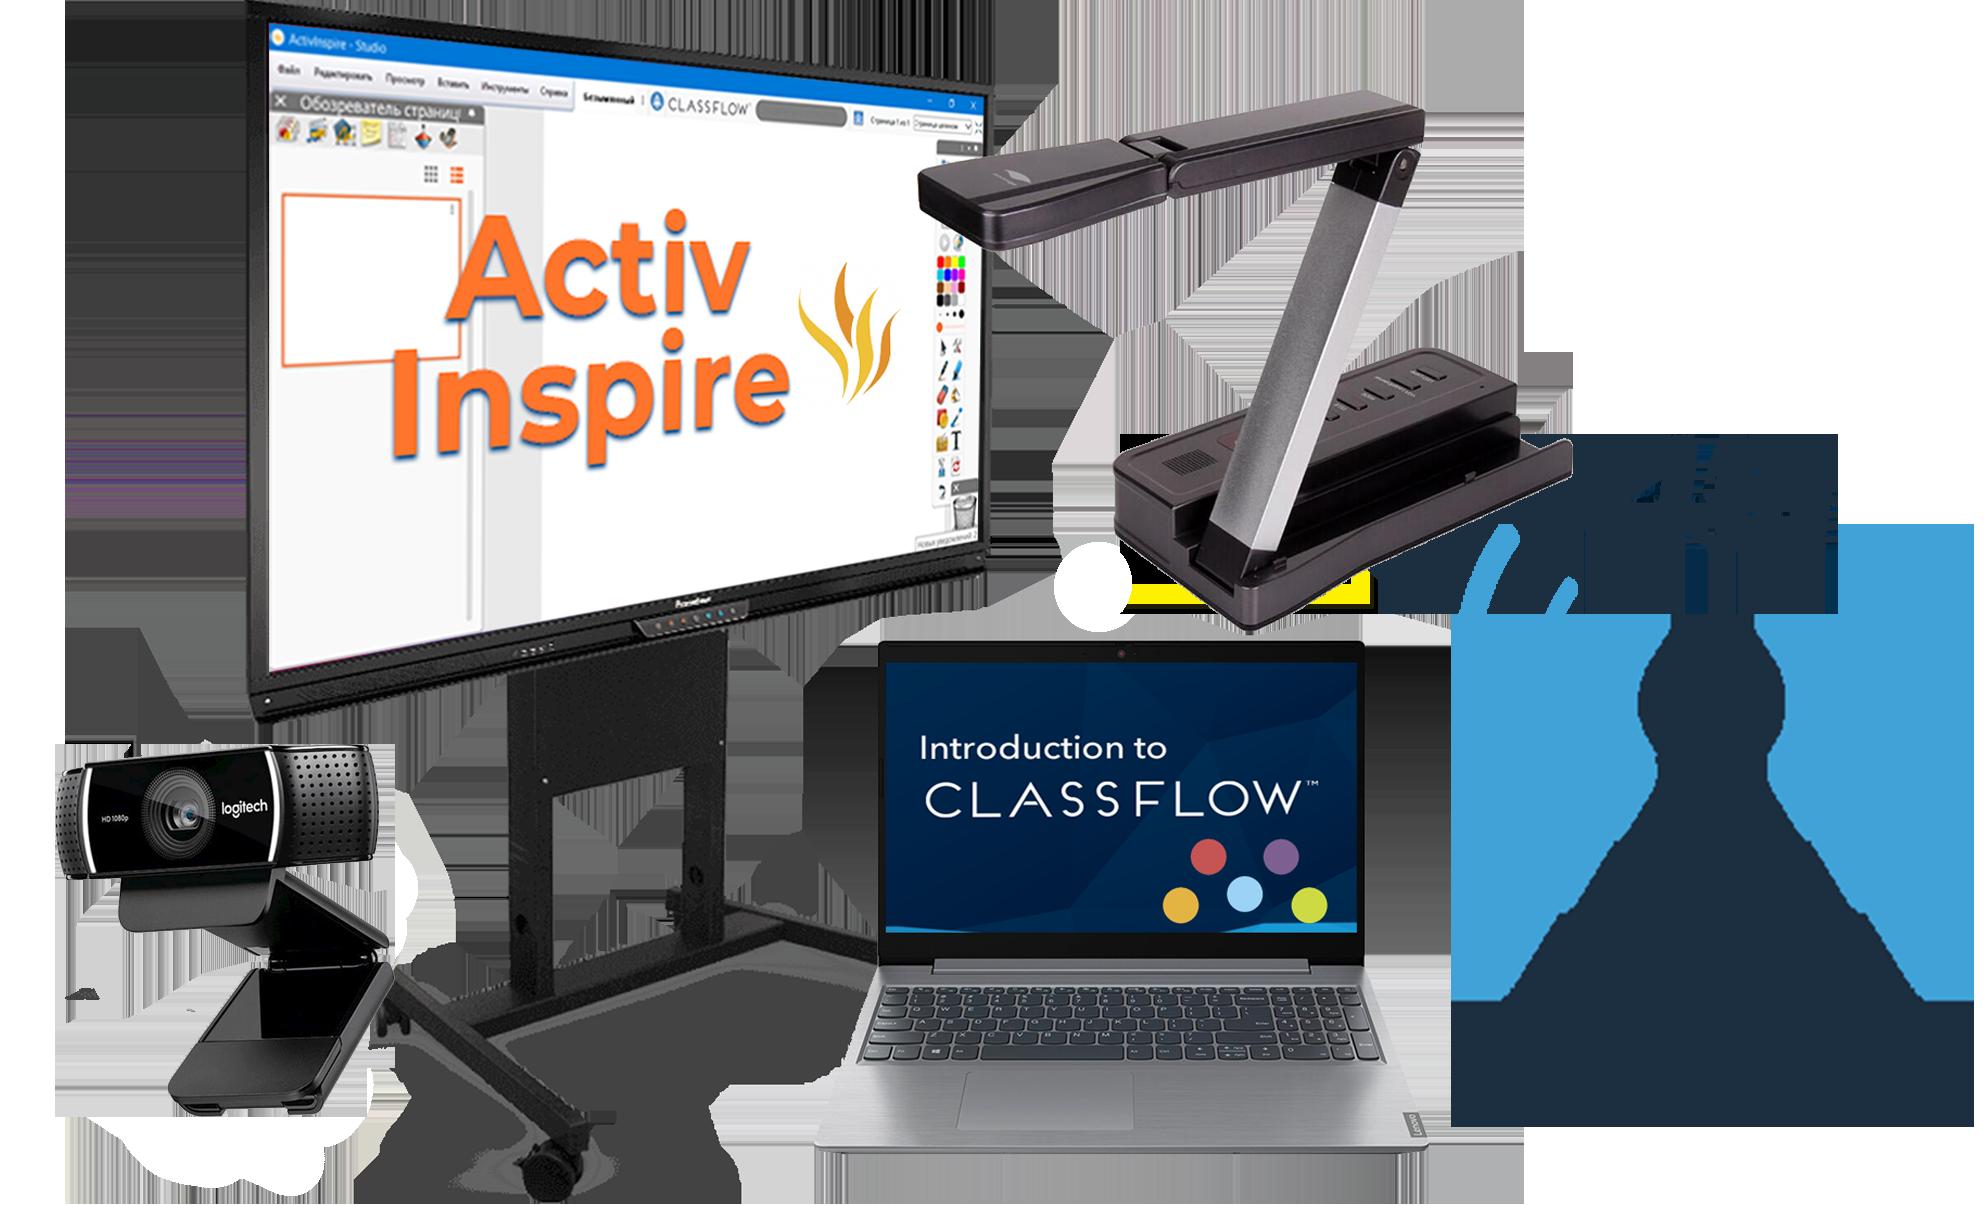 Інтерактивний мультимедійний комплекс для змішаного навчання 7 в 1 4G: інтерактивна панель+ноутбук+веб-камера+документ-камера+4G модем та безлімітний інтернет+ActivInspire+ClassFlow. Ціна та характеристики.